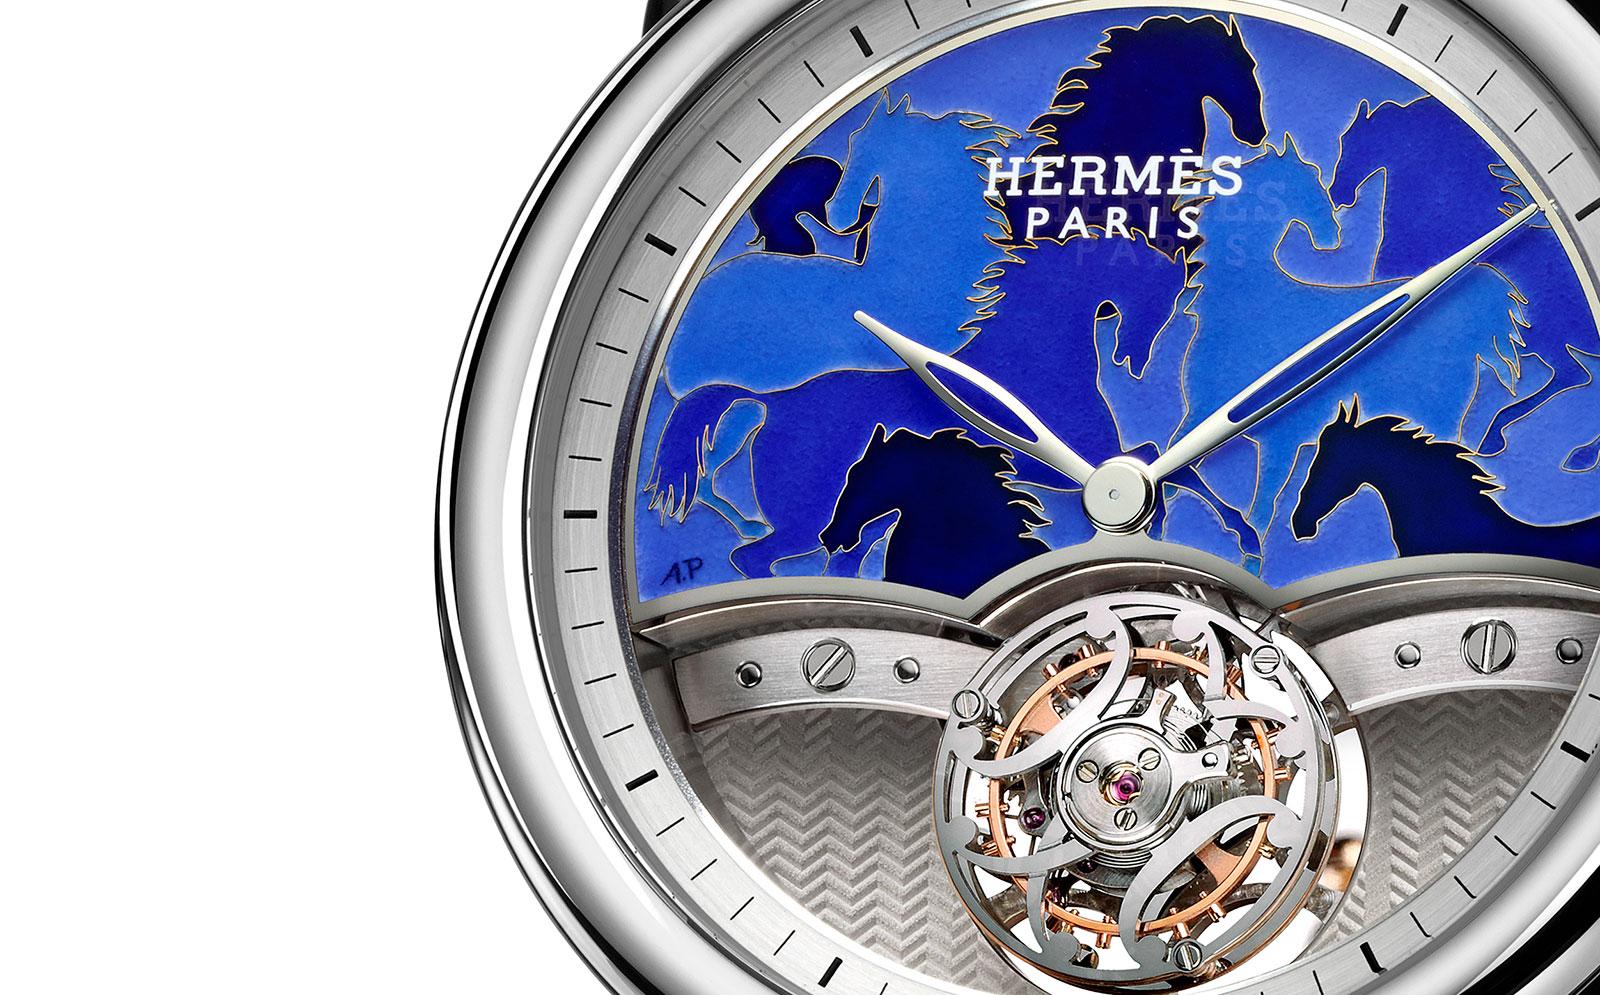 Hermes-arceau-lift-tourbillon-cheveaux-camouflate-Anita-Porchet